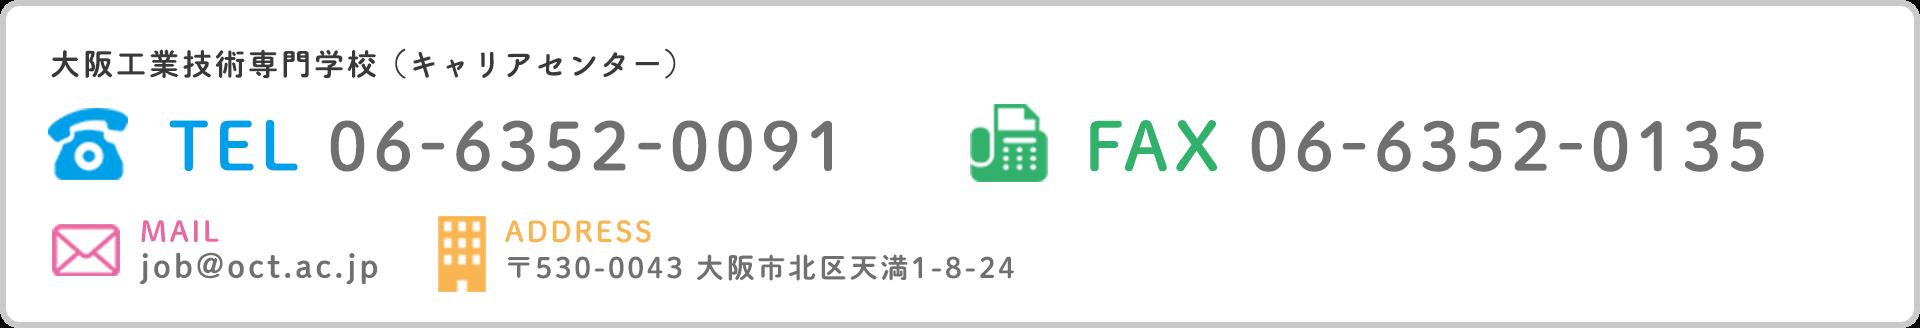 大阪工業技術専門学校 (エクステンション事業担当) | TEL 06-6352-0091